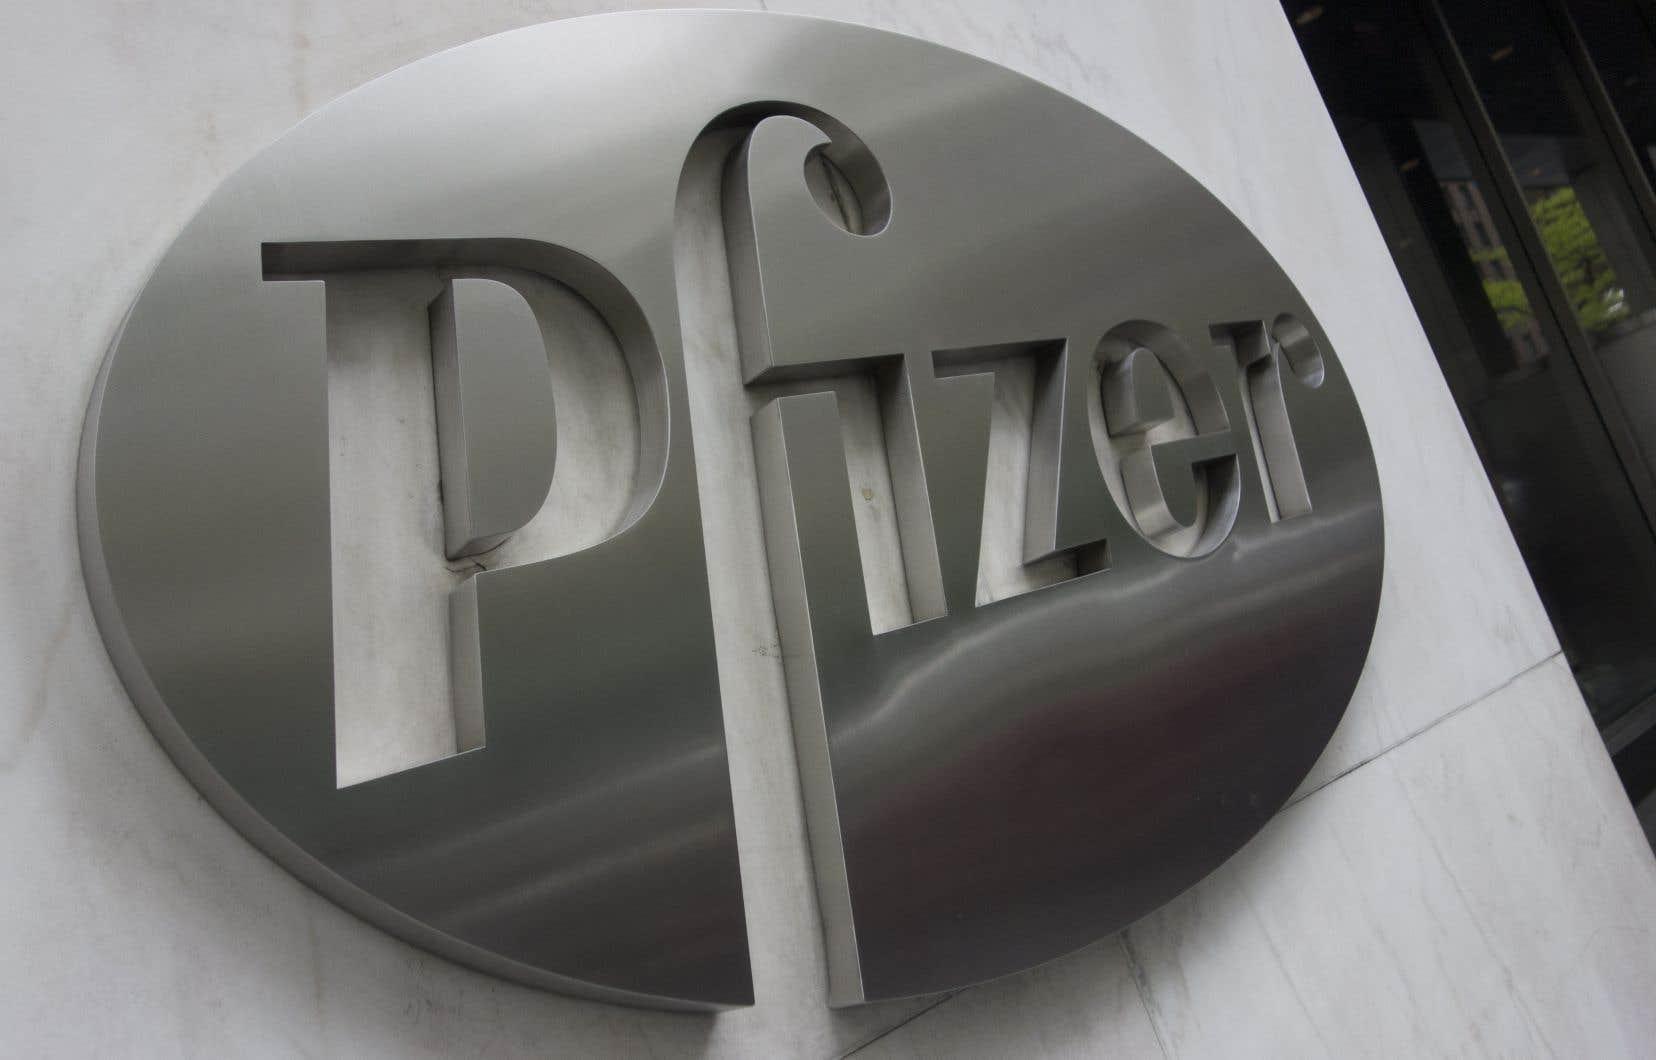 <p>La biotech allemande Biontech et le laboratoire américain Pfizer développent depuis plusieurs mois un projet de vaccin, qui entre désormais dans une phase décisive d'essais cliniques à grande échelle.</p>